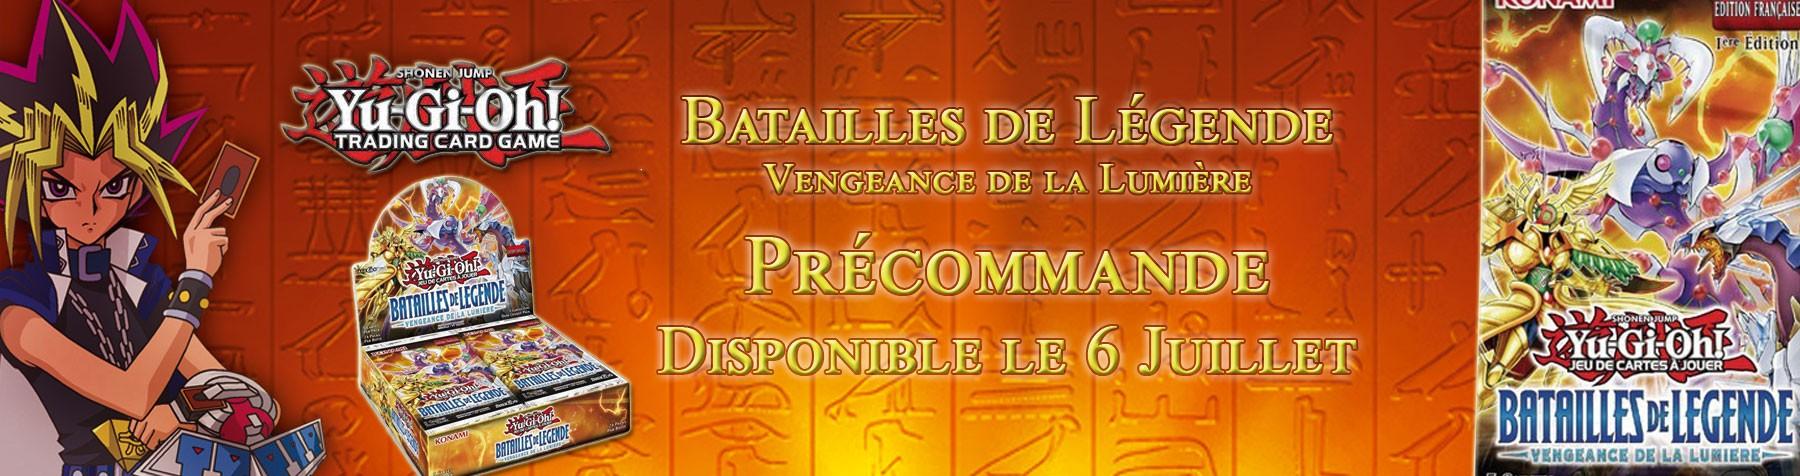 Batailles de Légende !